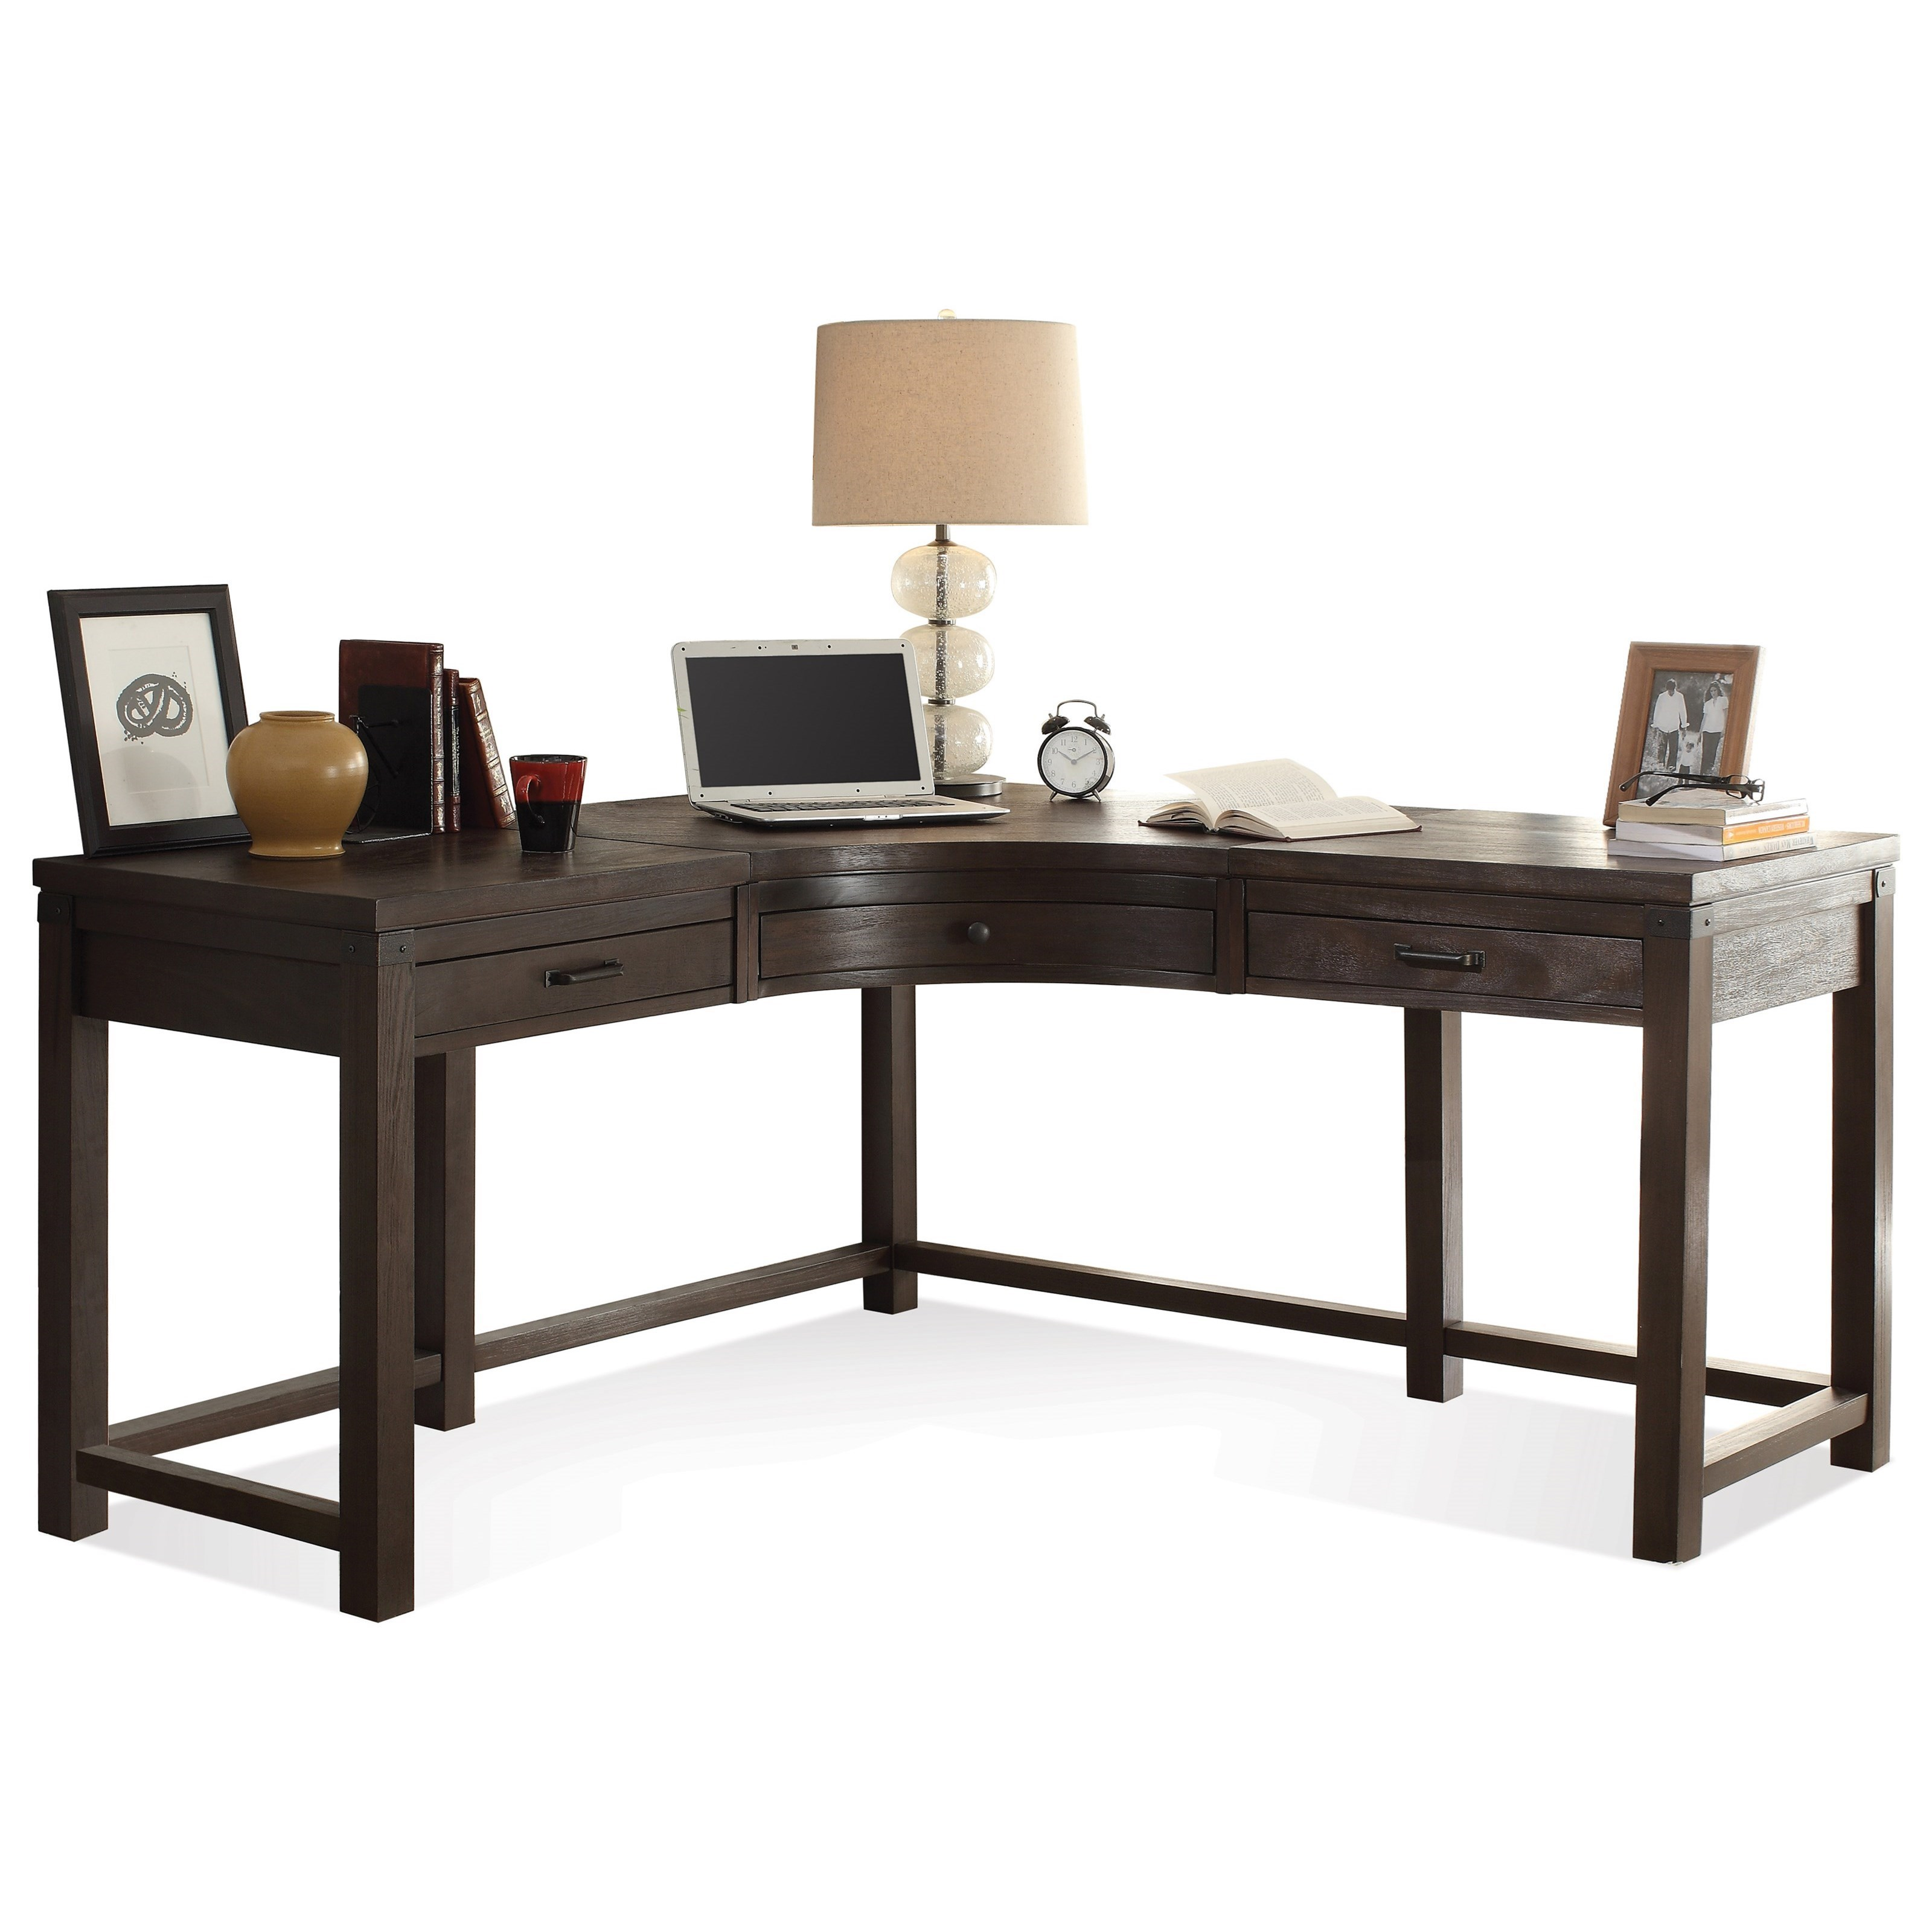 Riverside Furniture Promenade Curved Corner Desk ...